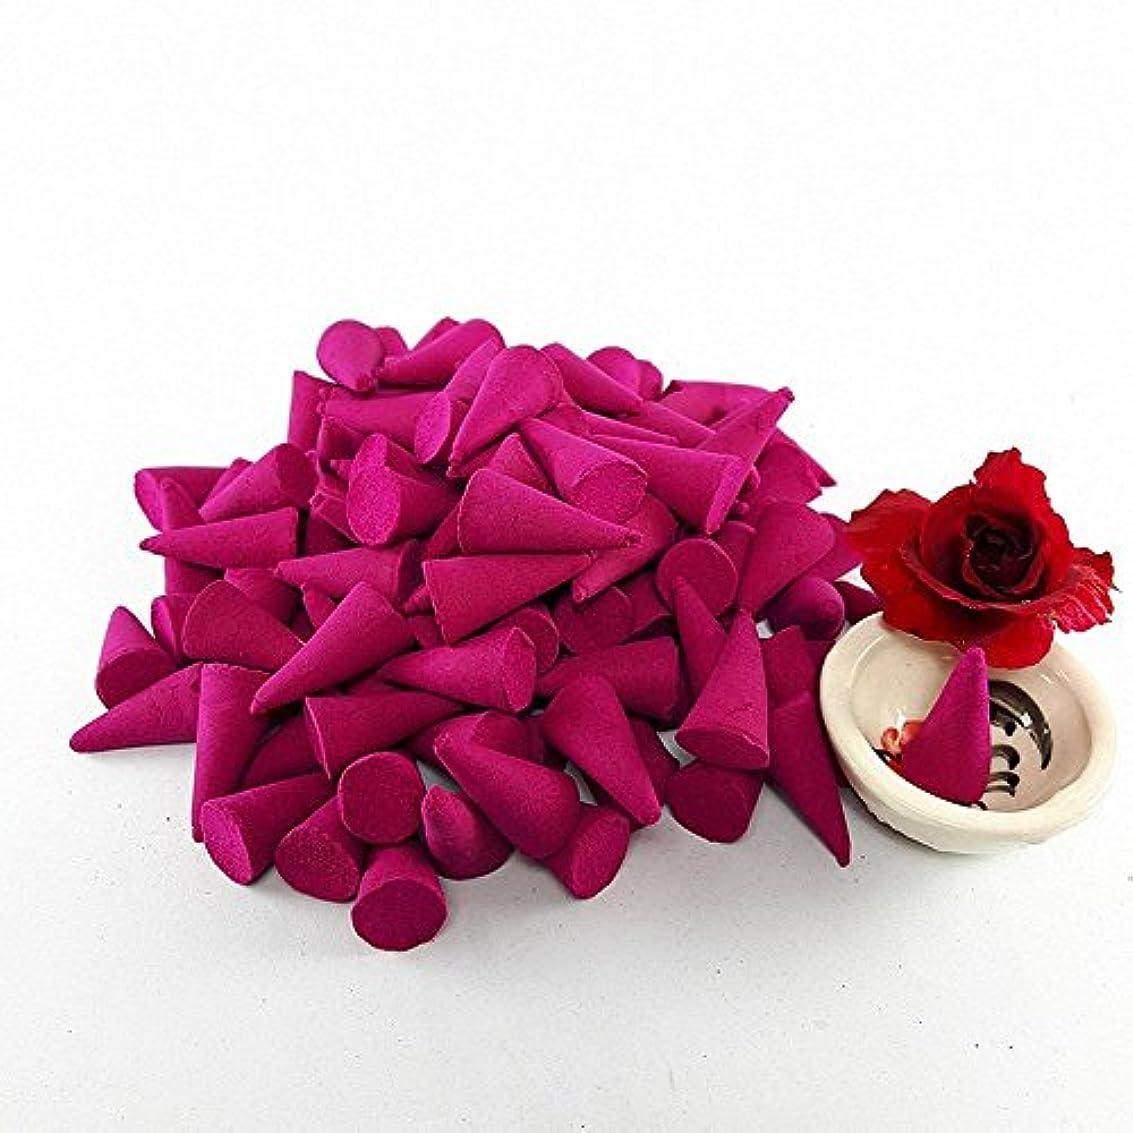 旋回砲兵天皇家庭用線香 Incense Cones Mixed Variety of Fragrance Relax Aromatherapy Spa (Pack of 100 Cones) With Burner Holder Thai...